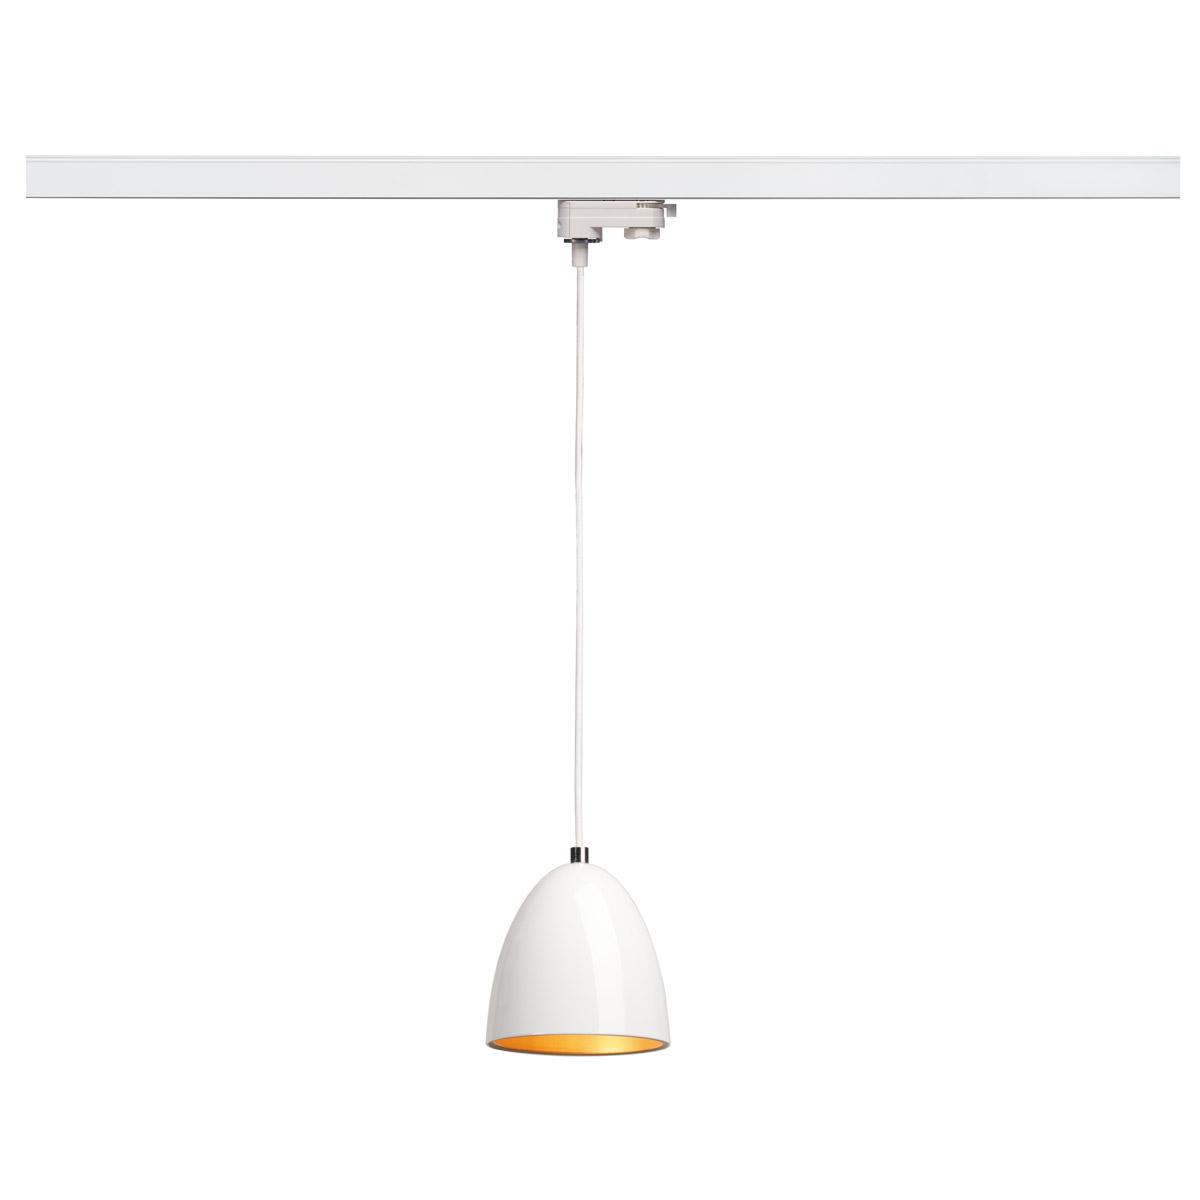 153141 SLV by Marbel 3Ph, PARA CONE 14 светильник подвесной для лампы GU10 35Вт макс., белый/ золото